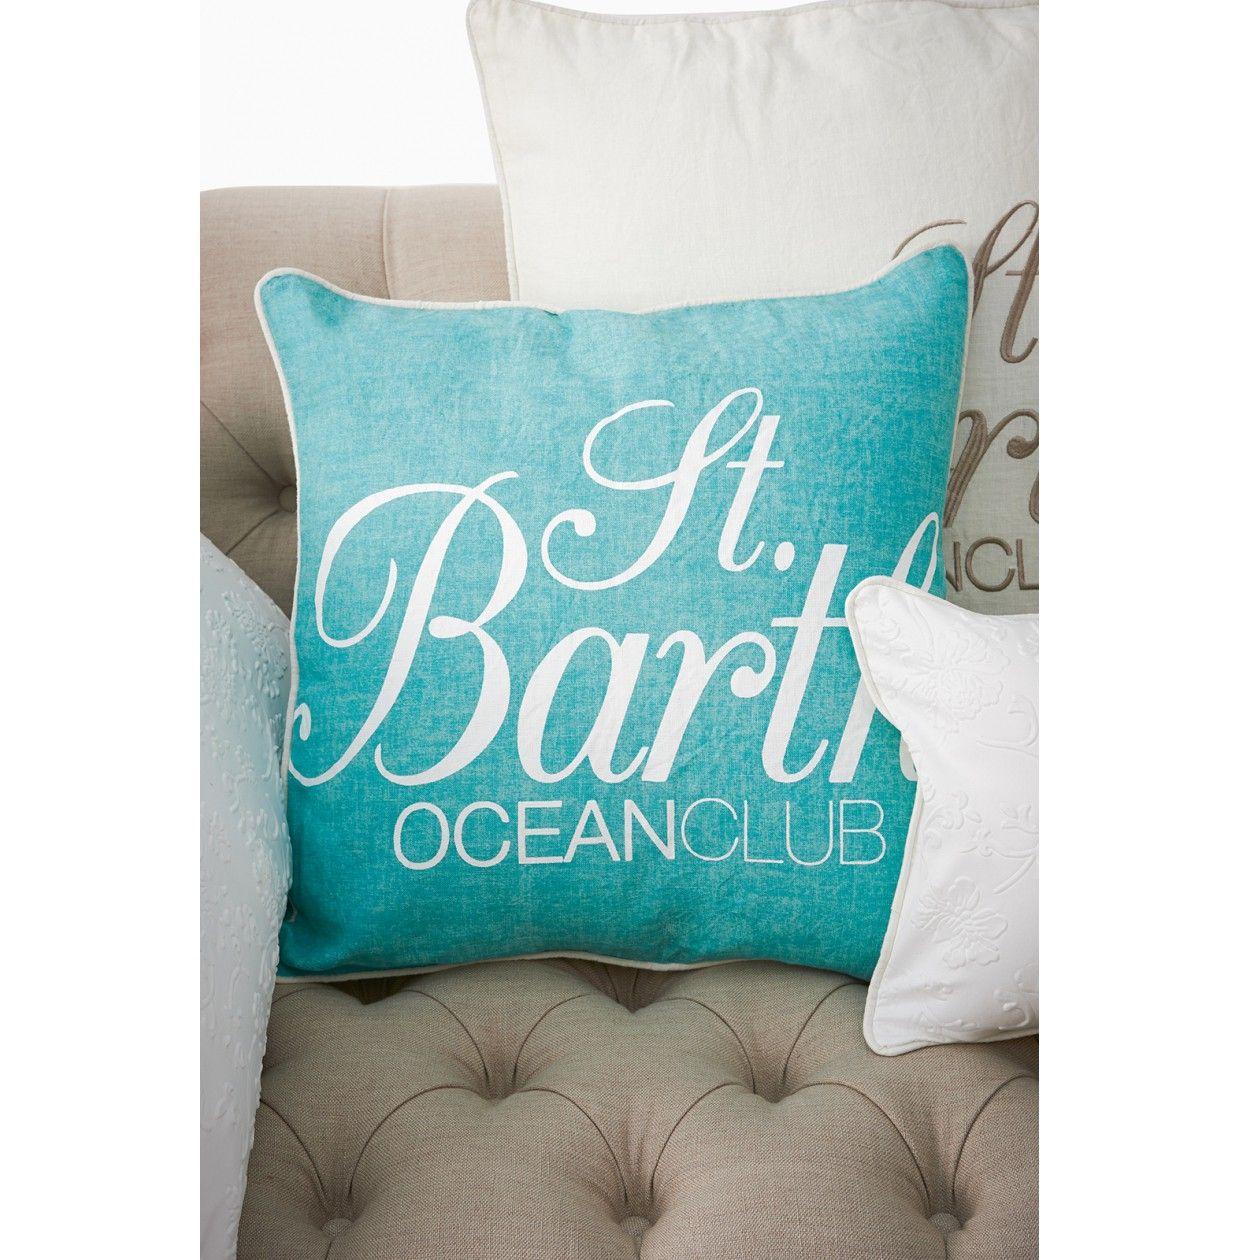 st barths aqua pillow cover 50x50 rivi ra maison kussenhoes riviera maison pinterest. Black Bedroom Furniture Sets. Home Design Ideas